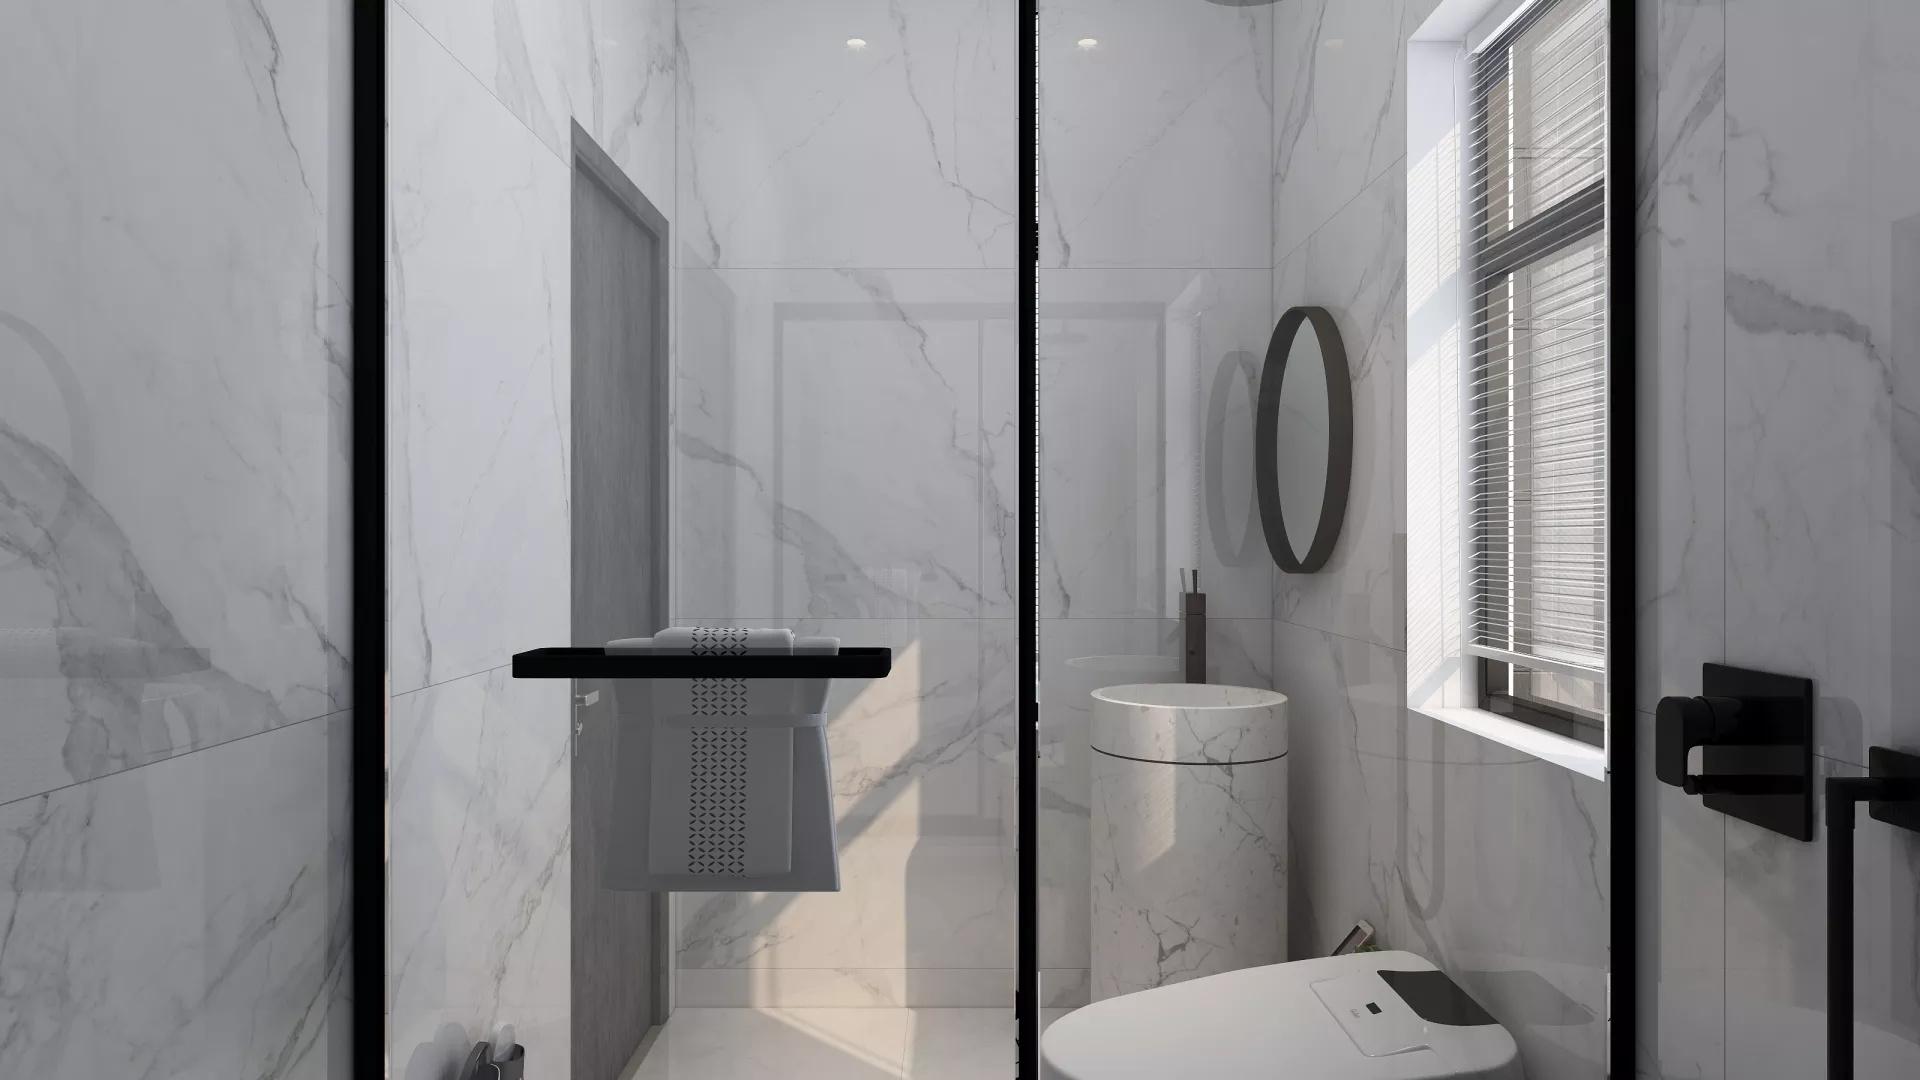 家居客廳墻面裝修技巧有哪些 家居客廳墻面裝修如何設計